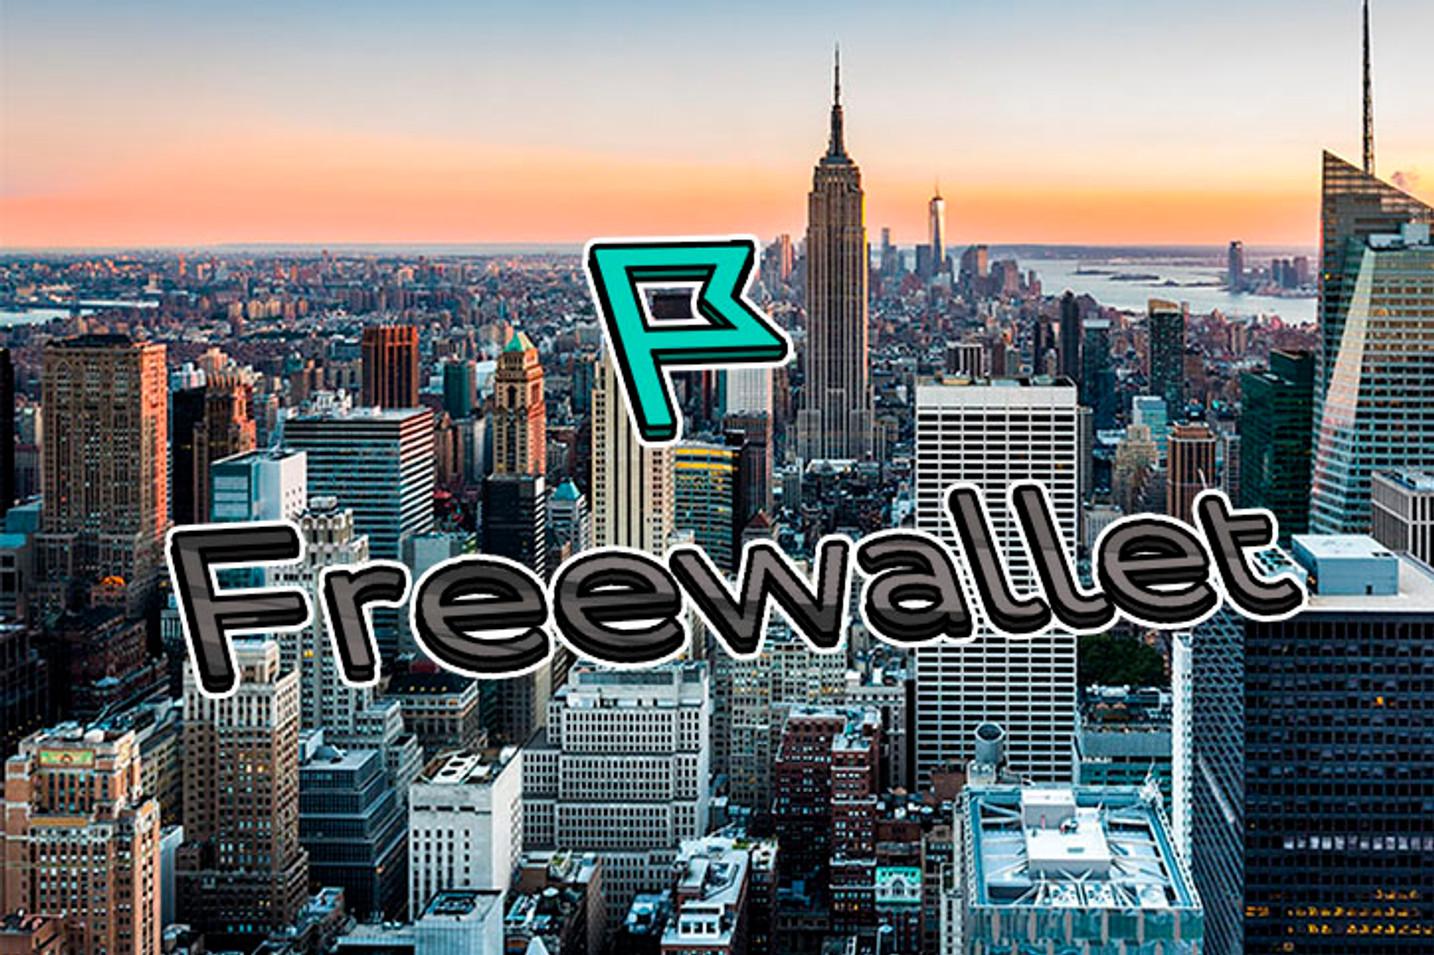 Freewallet Has Released Mobile Multi Wallet